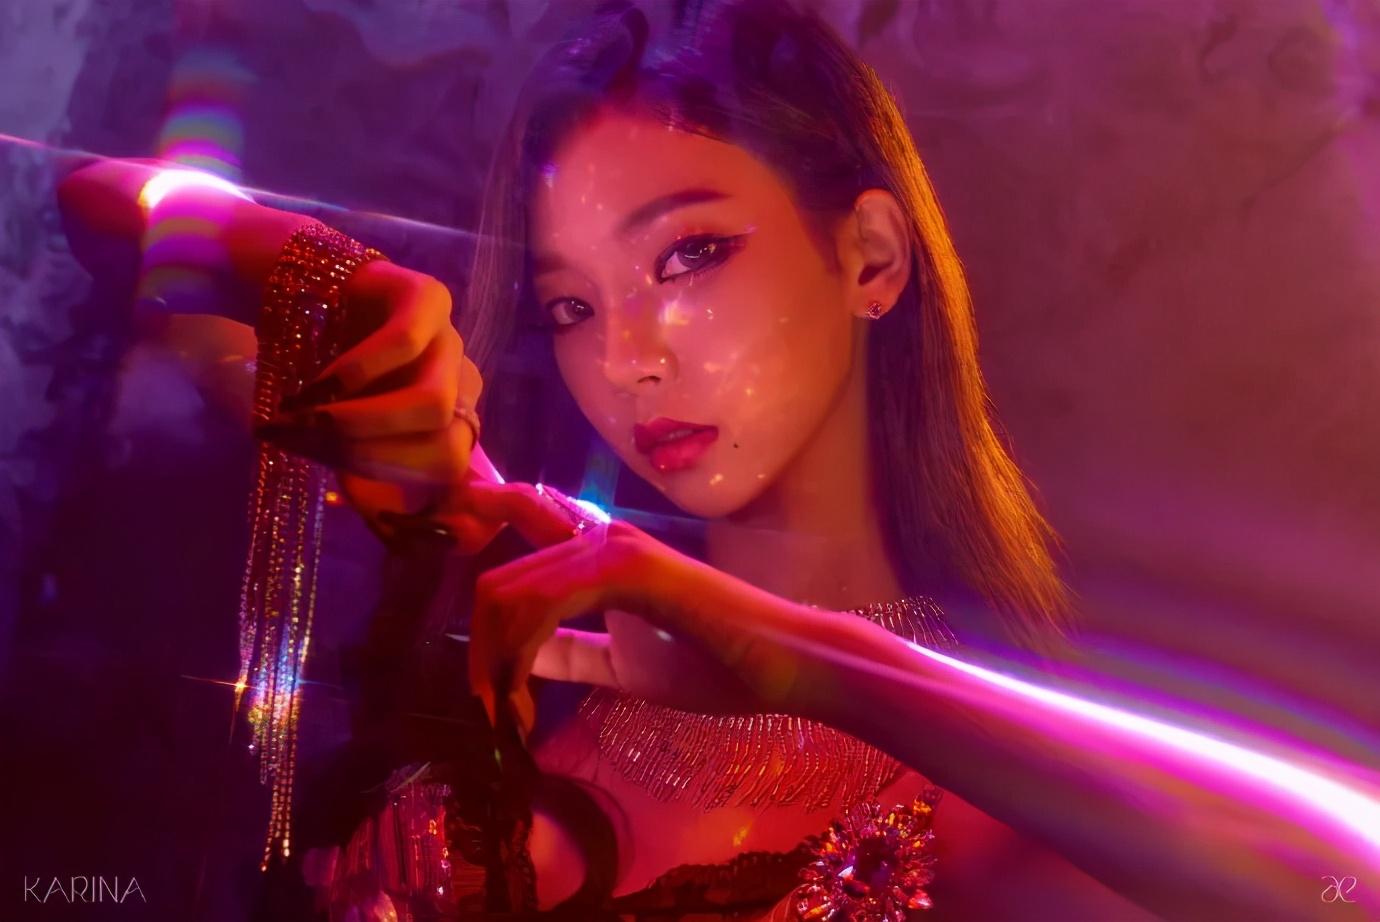 嘲EXO糊,还称舞蹈实力吊打Lisa?这SM最新女团疯了?